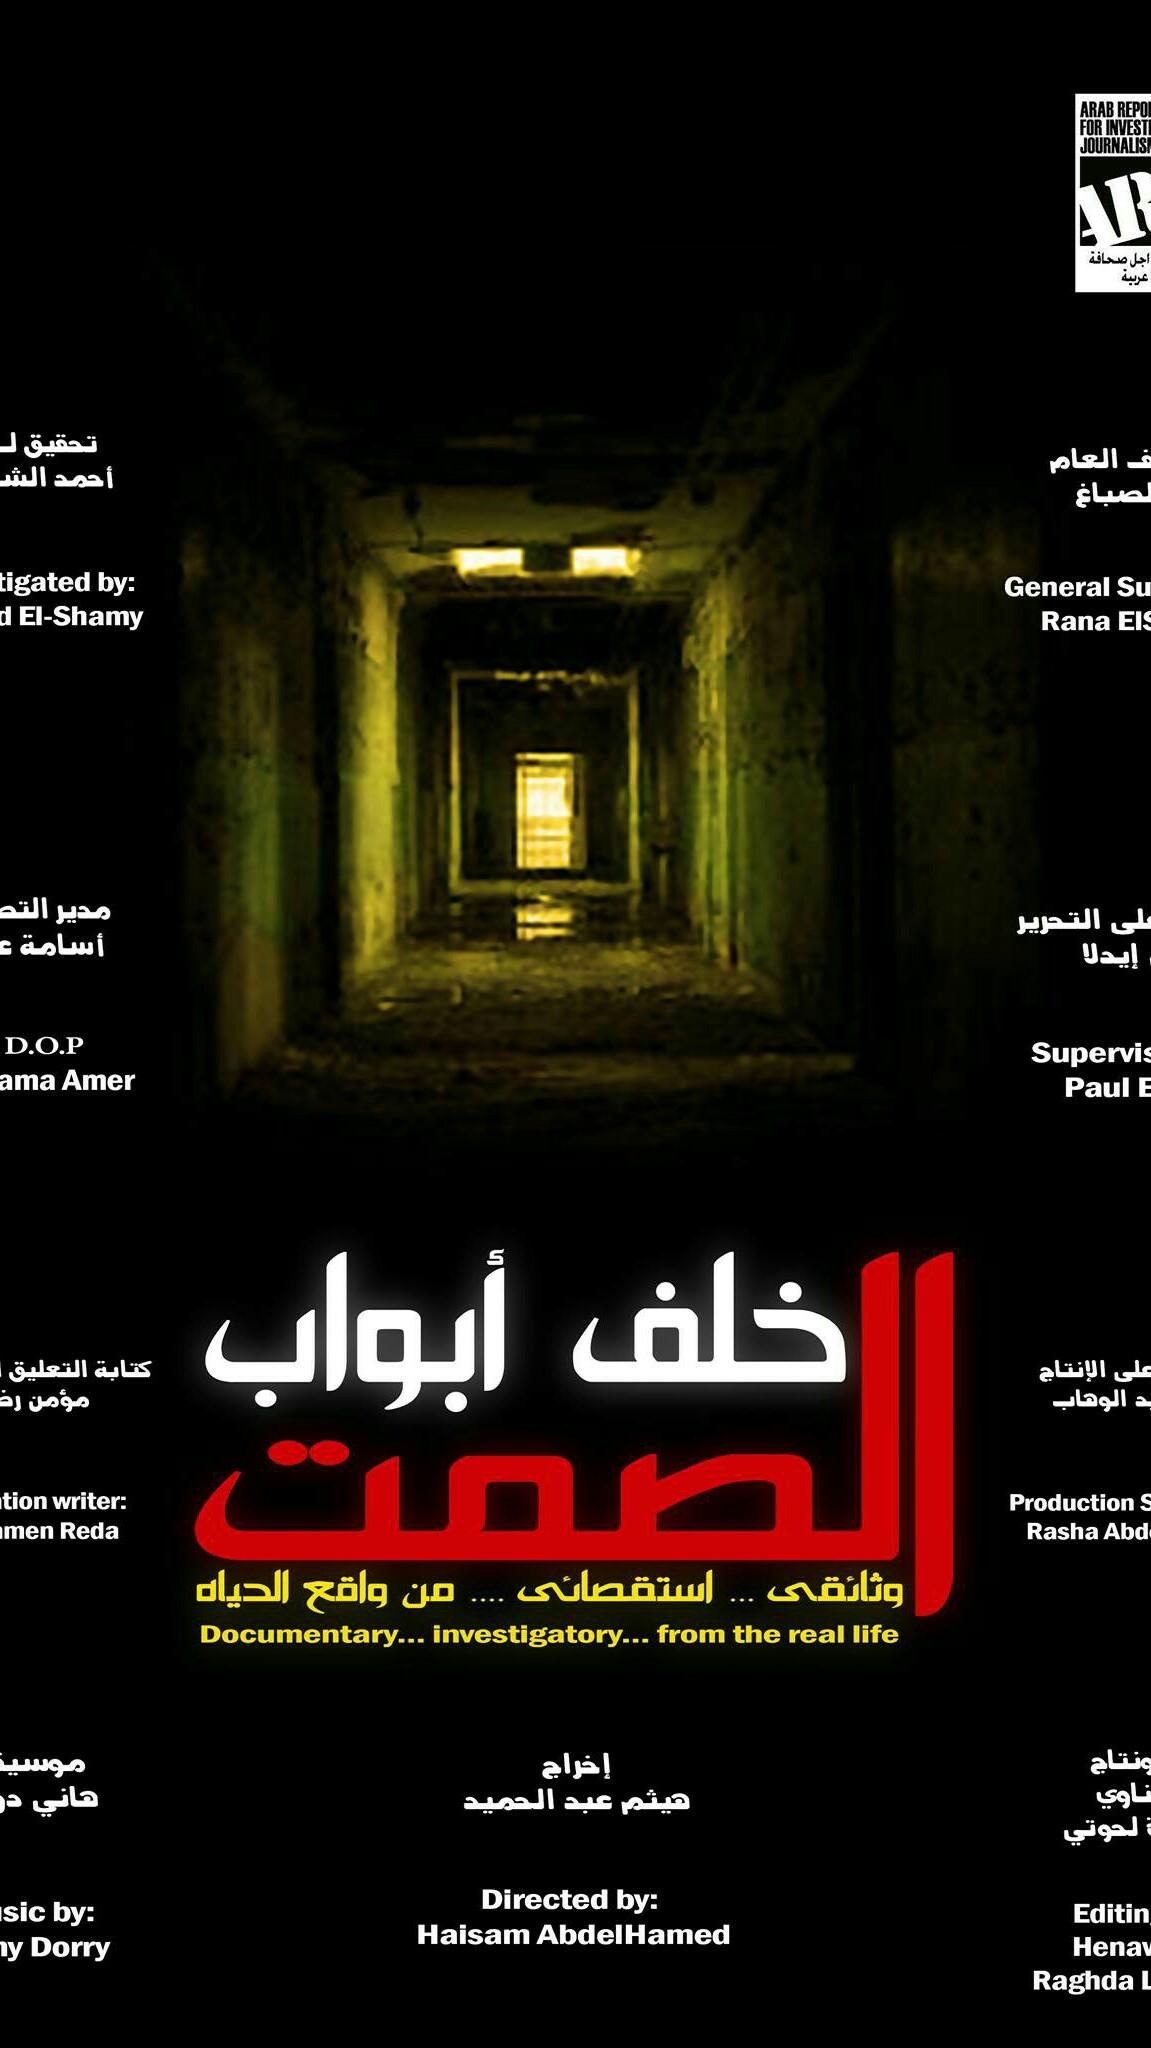 """الفيلم المصري الوثائقي """" خلف أبواب الصمت"""" للمخرج هيثم عبد الحميد في الدورة الثانية لمهرجان القدس السينمائي الدولي"""